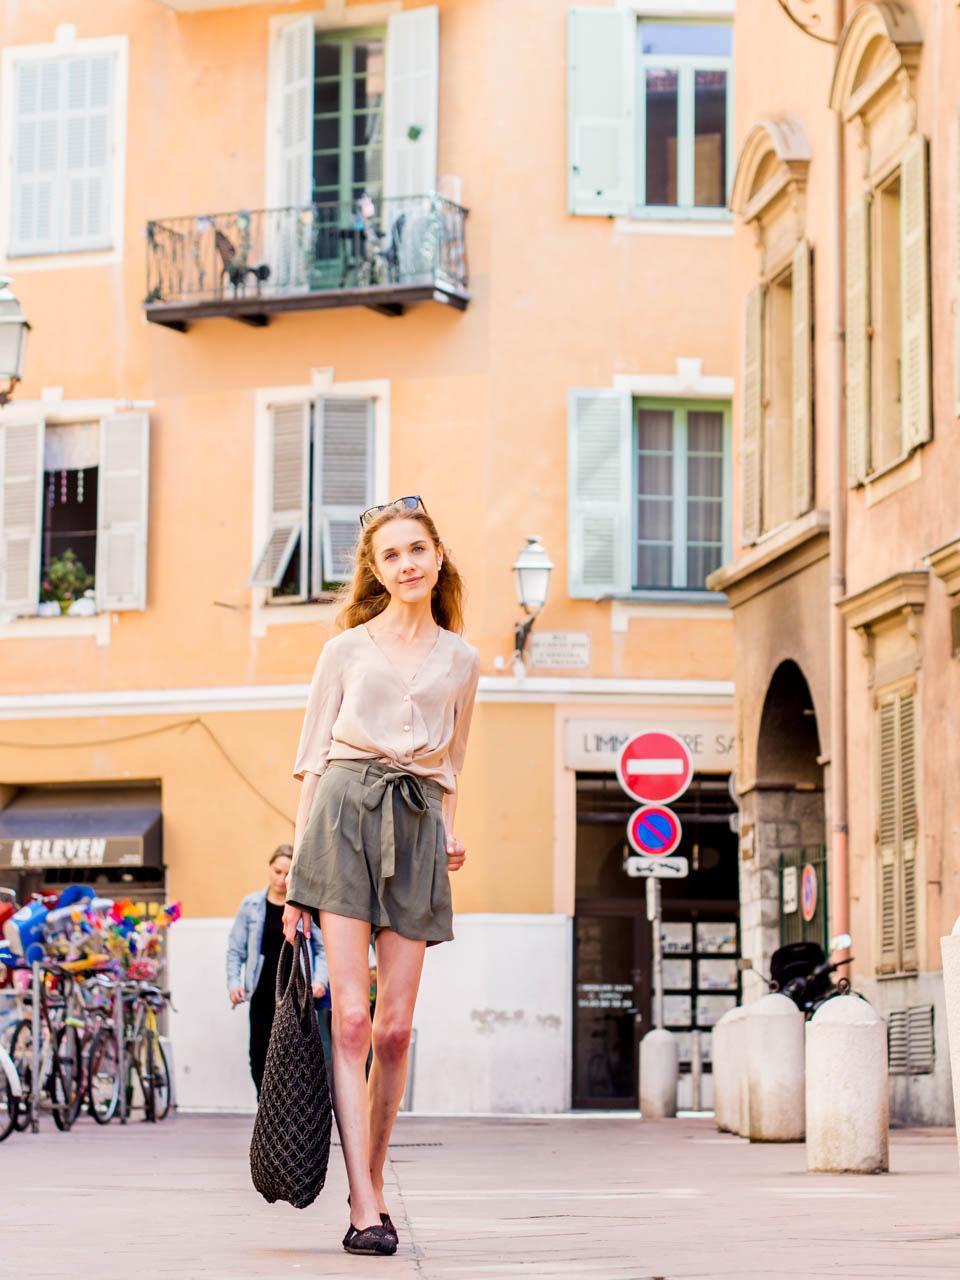 loneliness-experiences-in-university-and-summer-outfit-inspiration-yksinäisyys-kokemuksia-yliopisto-kesäasu-nizza-ranska